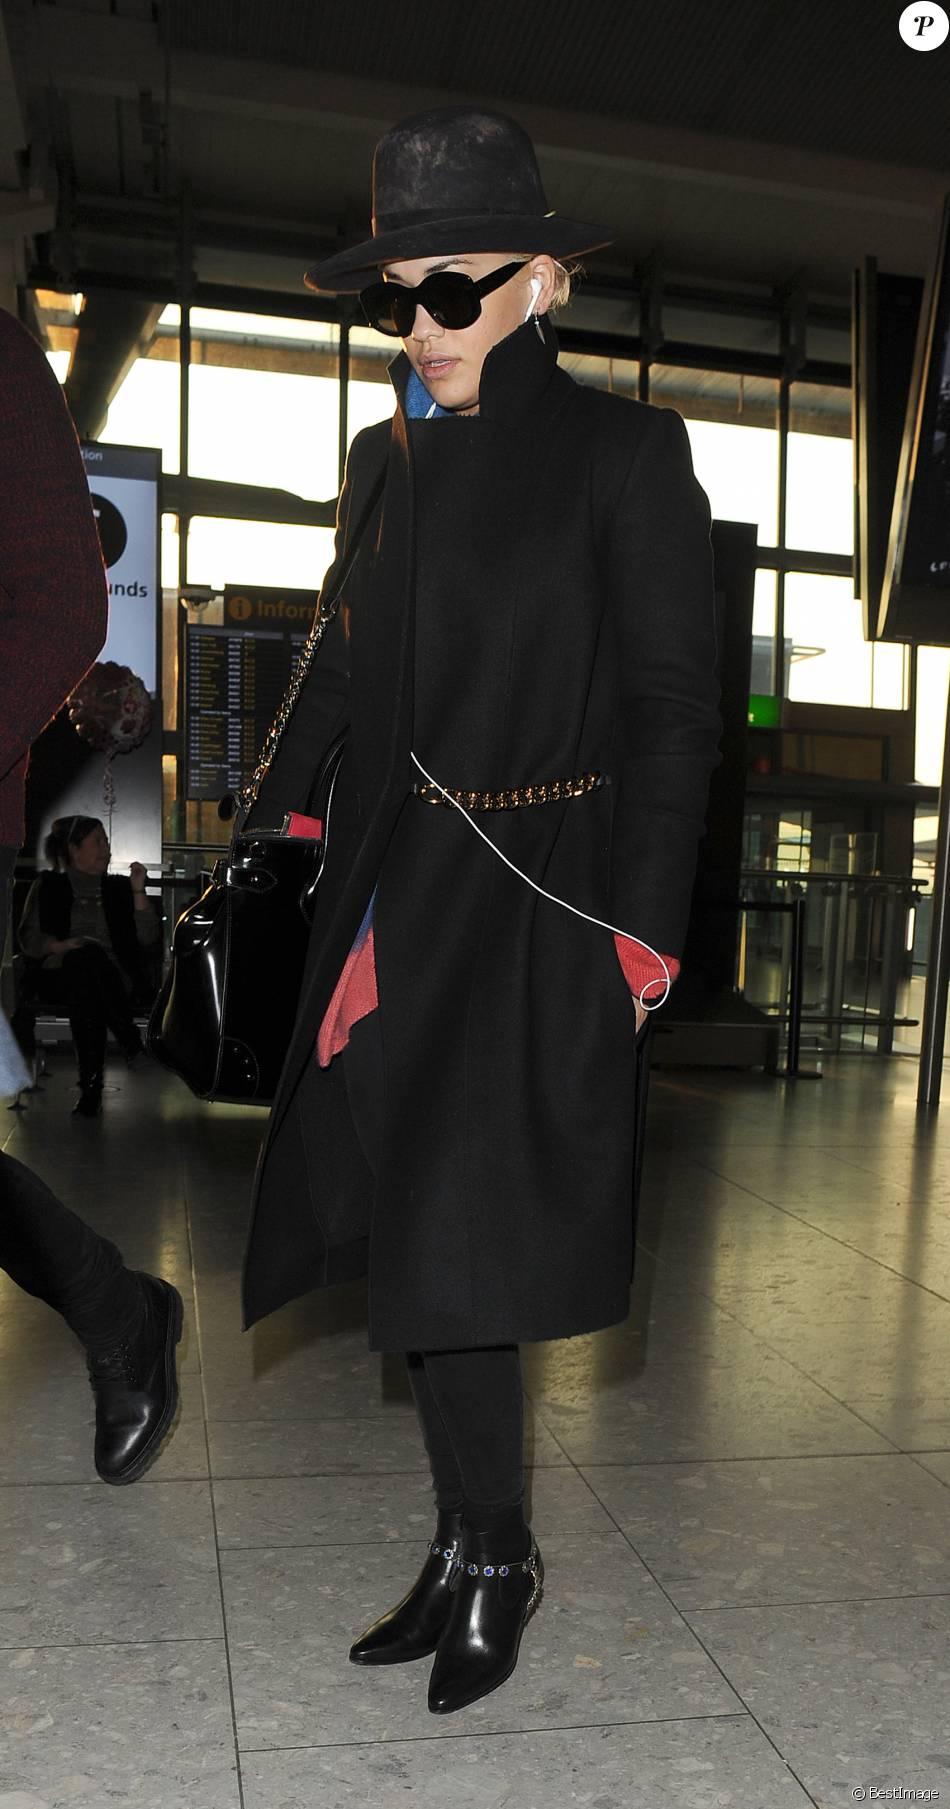 noir vêtue Rita à Oratoute l'aéroport de d'Heathrowporte I7vYbf6mgy